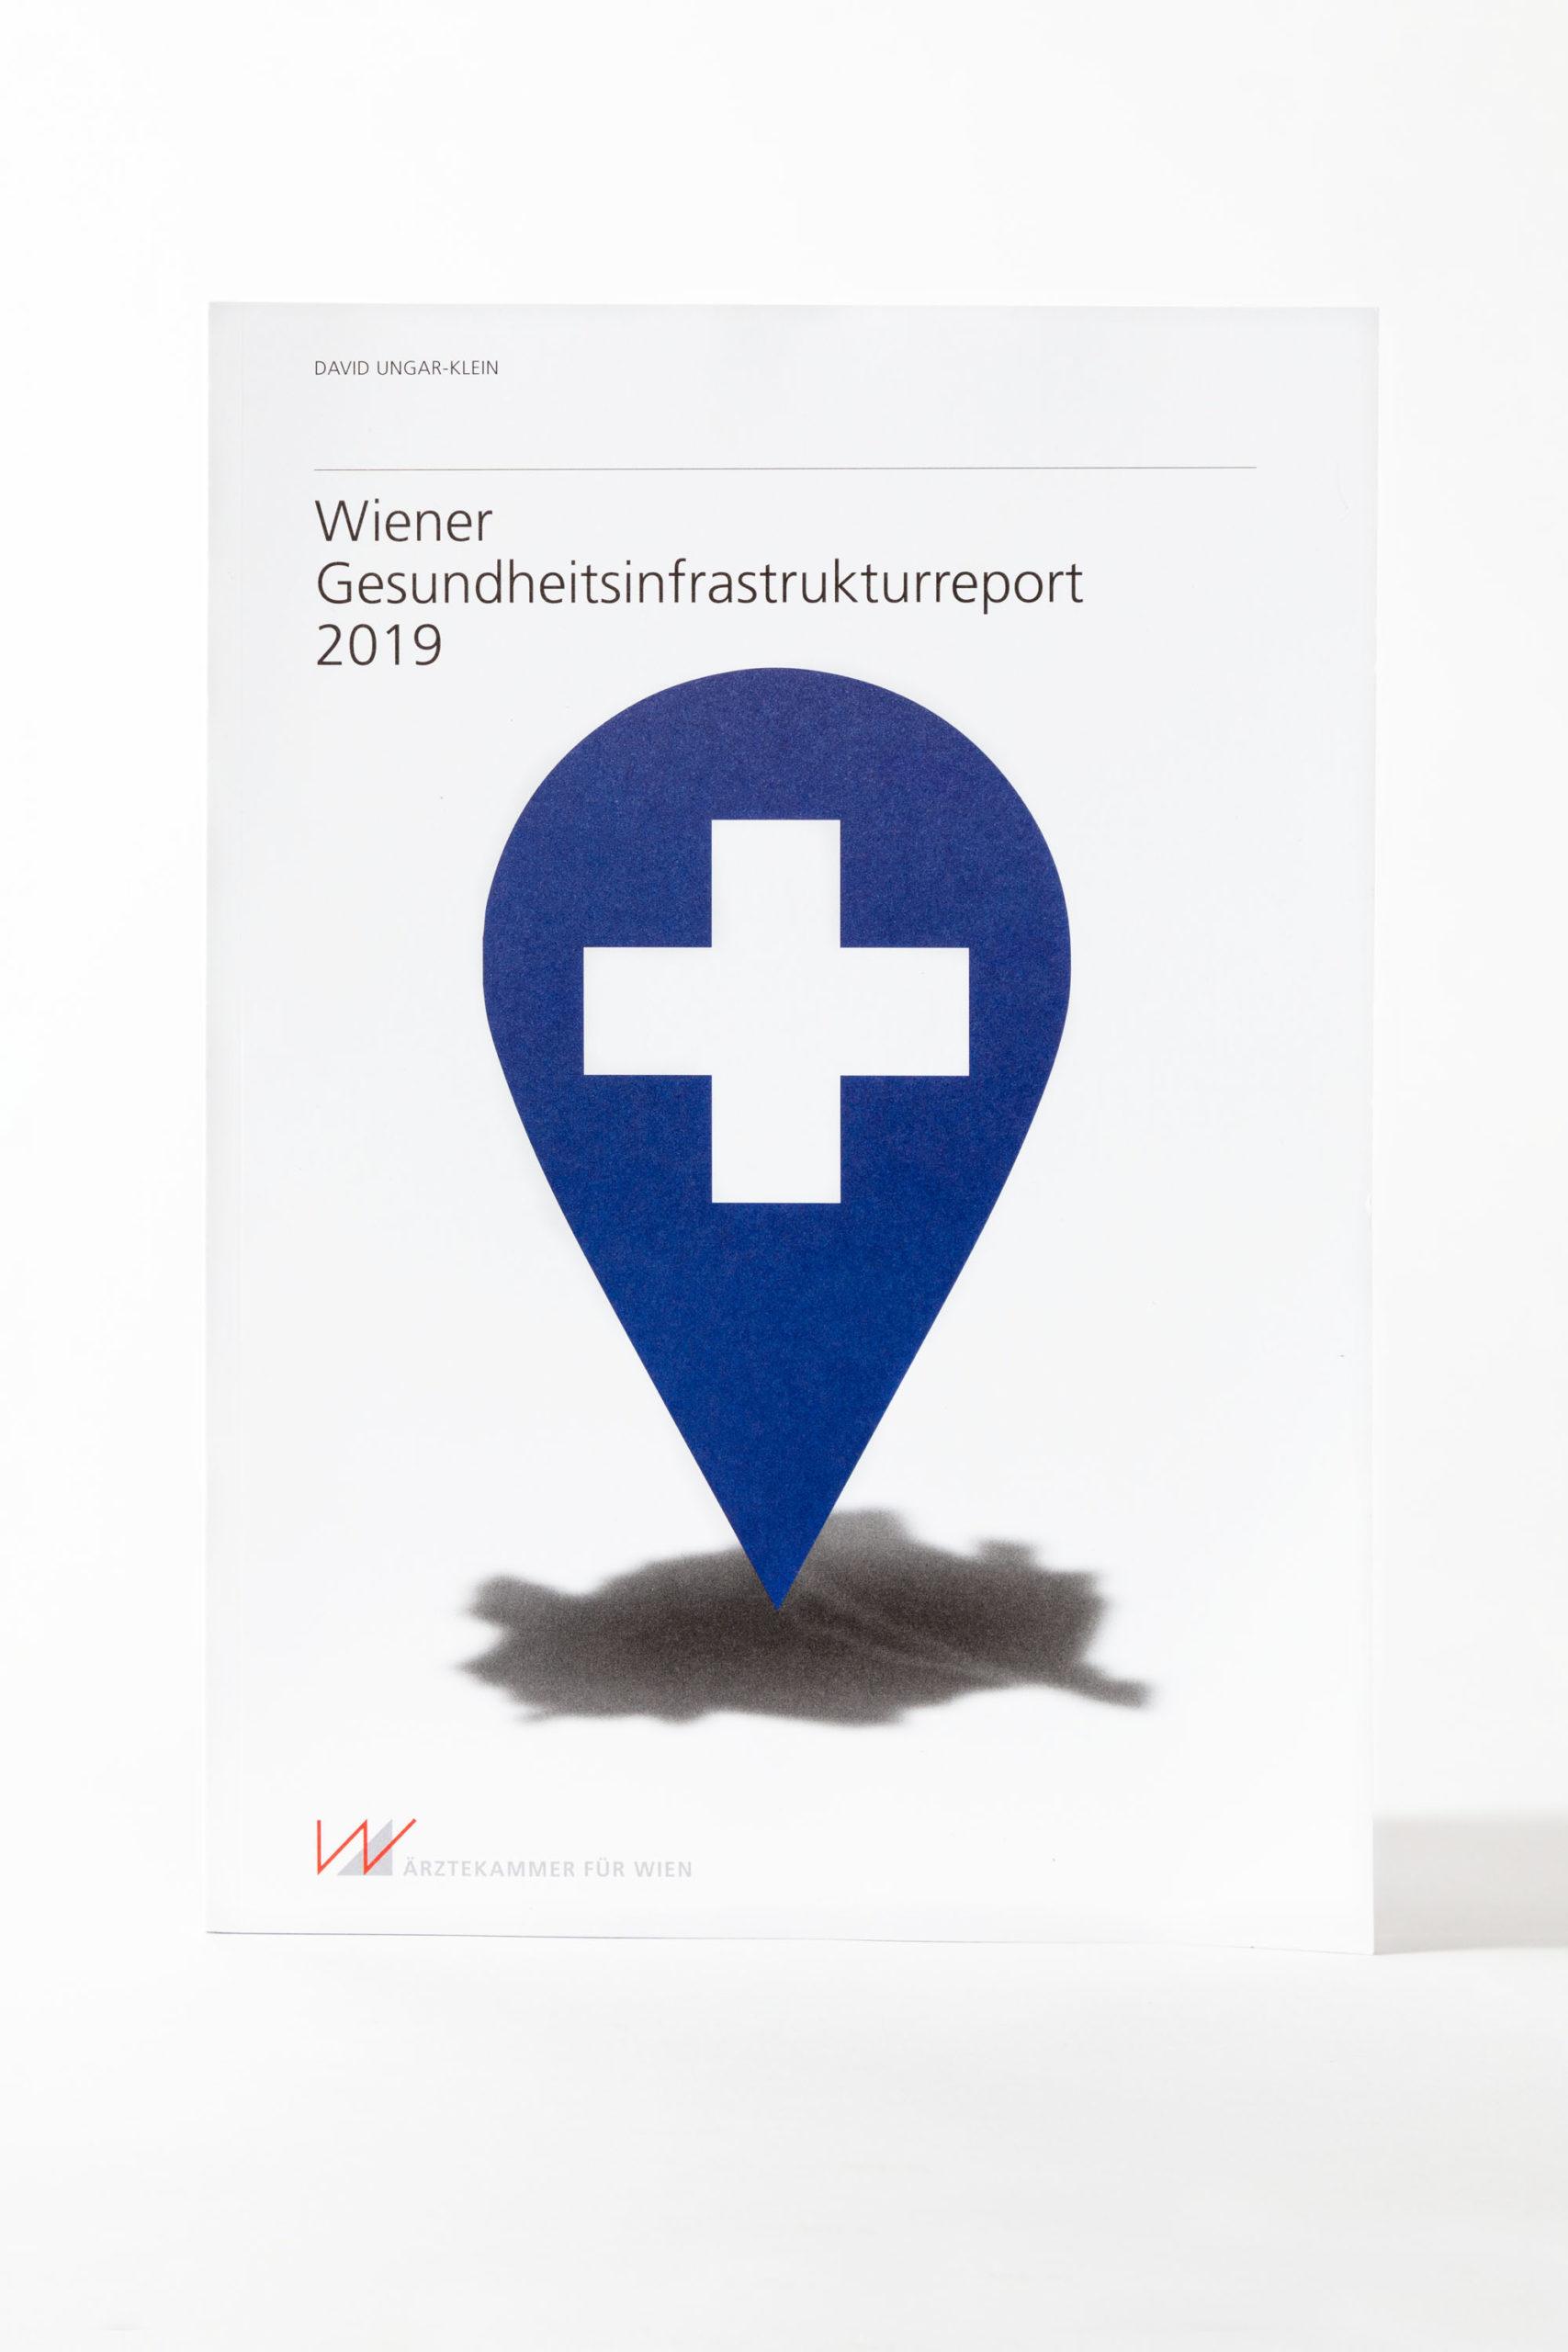 Wiener Gesundheitsinfrastrukturreport 2019 (c) Zaubermensch